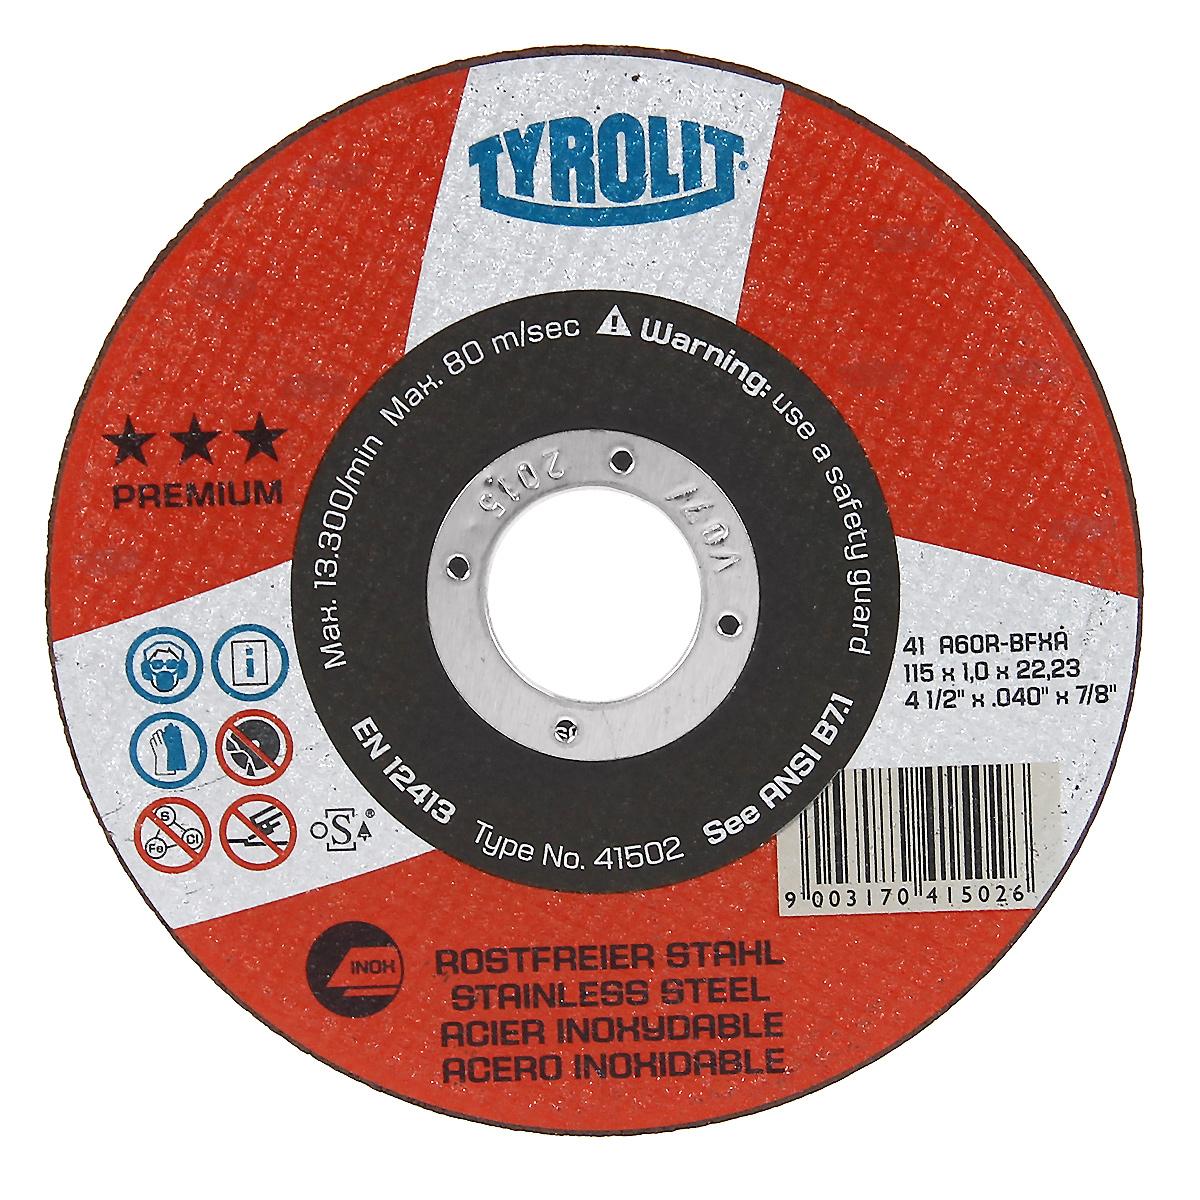 Диск абразивный прямой Tyrolit Premium, 115 мм x 1 мм x 22,23 мм. 41 A60R-BFXA41502